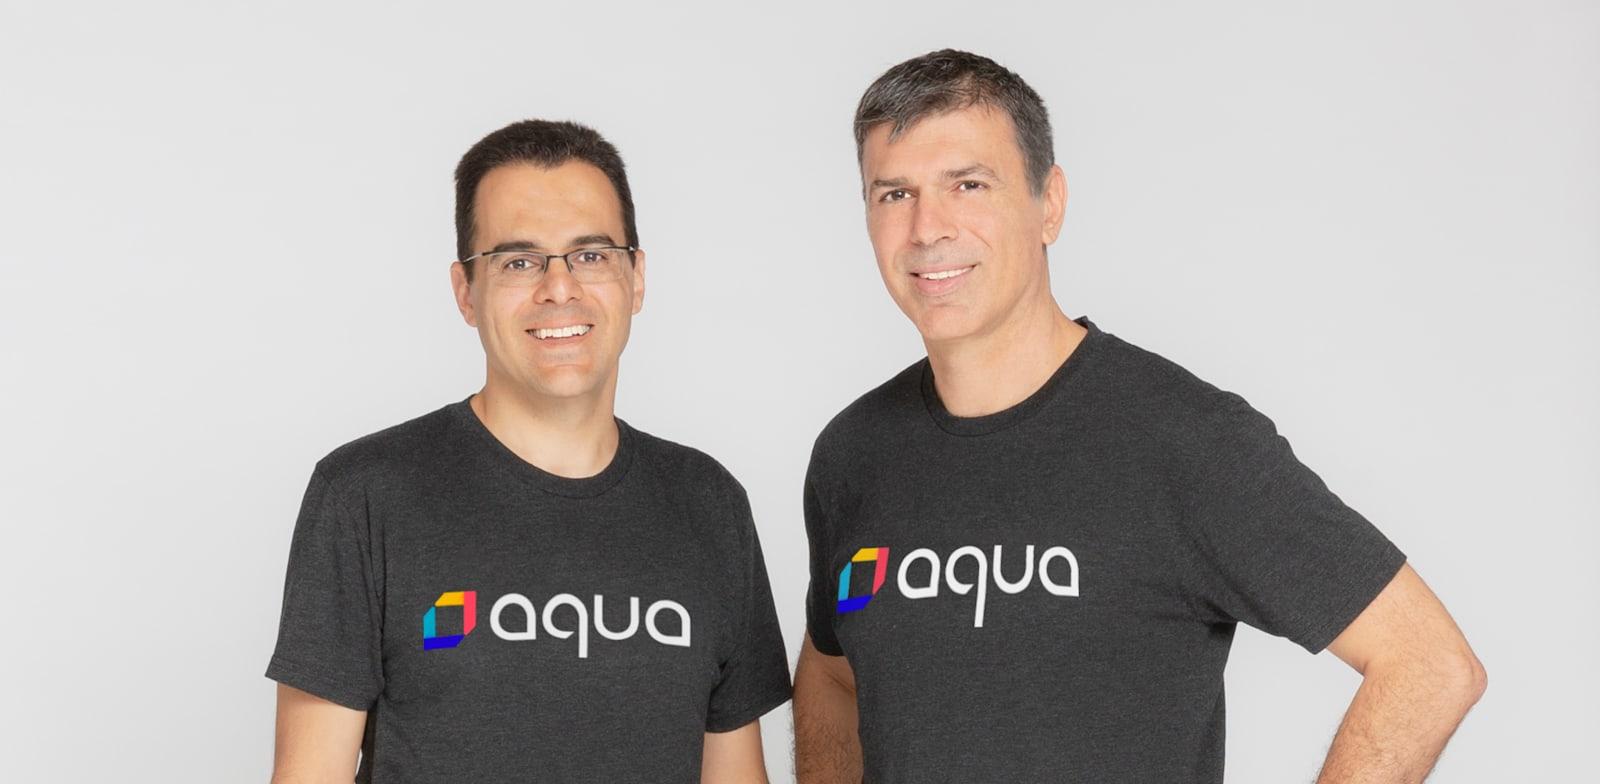 """מימין: דרור דוידוף, מנכ""""ל ומייסד משותף באקווה סקיוריטי, ואמיר ג'רבי, סמנכ""""ל טכנולוגיות ראשי (CTO) ומייסד משותף / צילום: יח""""צ אקווה סקיוריטי"""